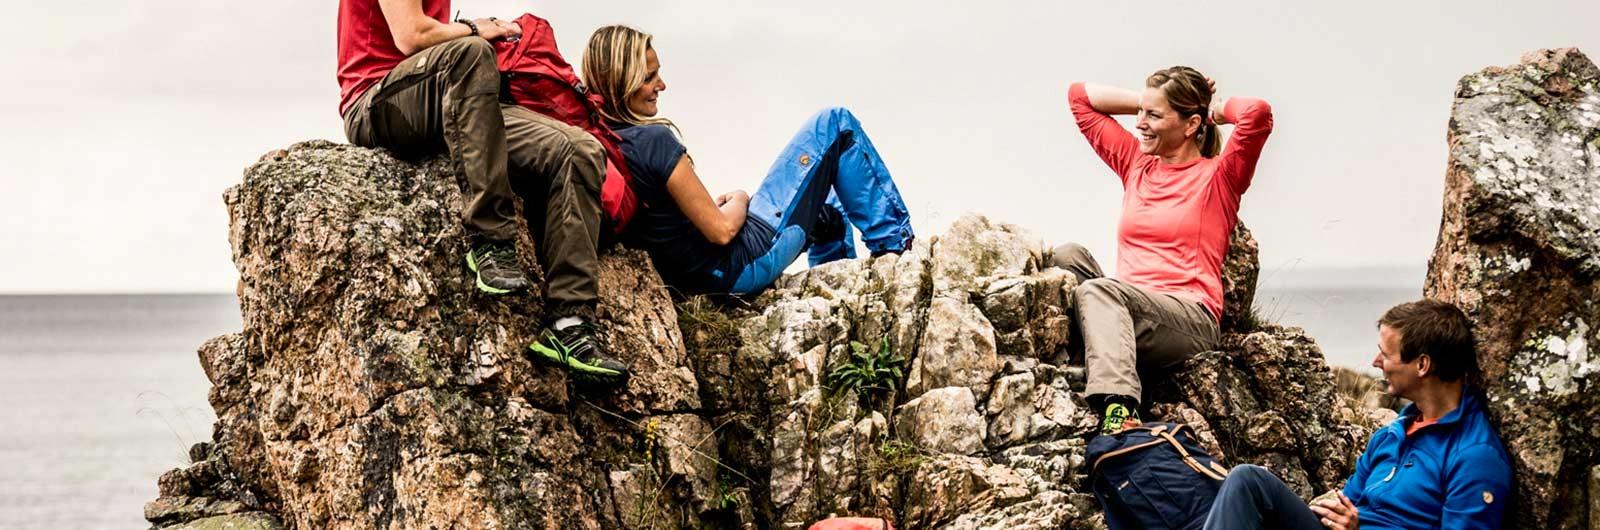 Grupp som vilar på klippor